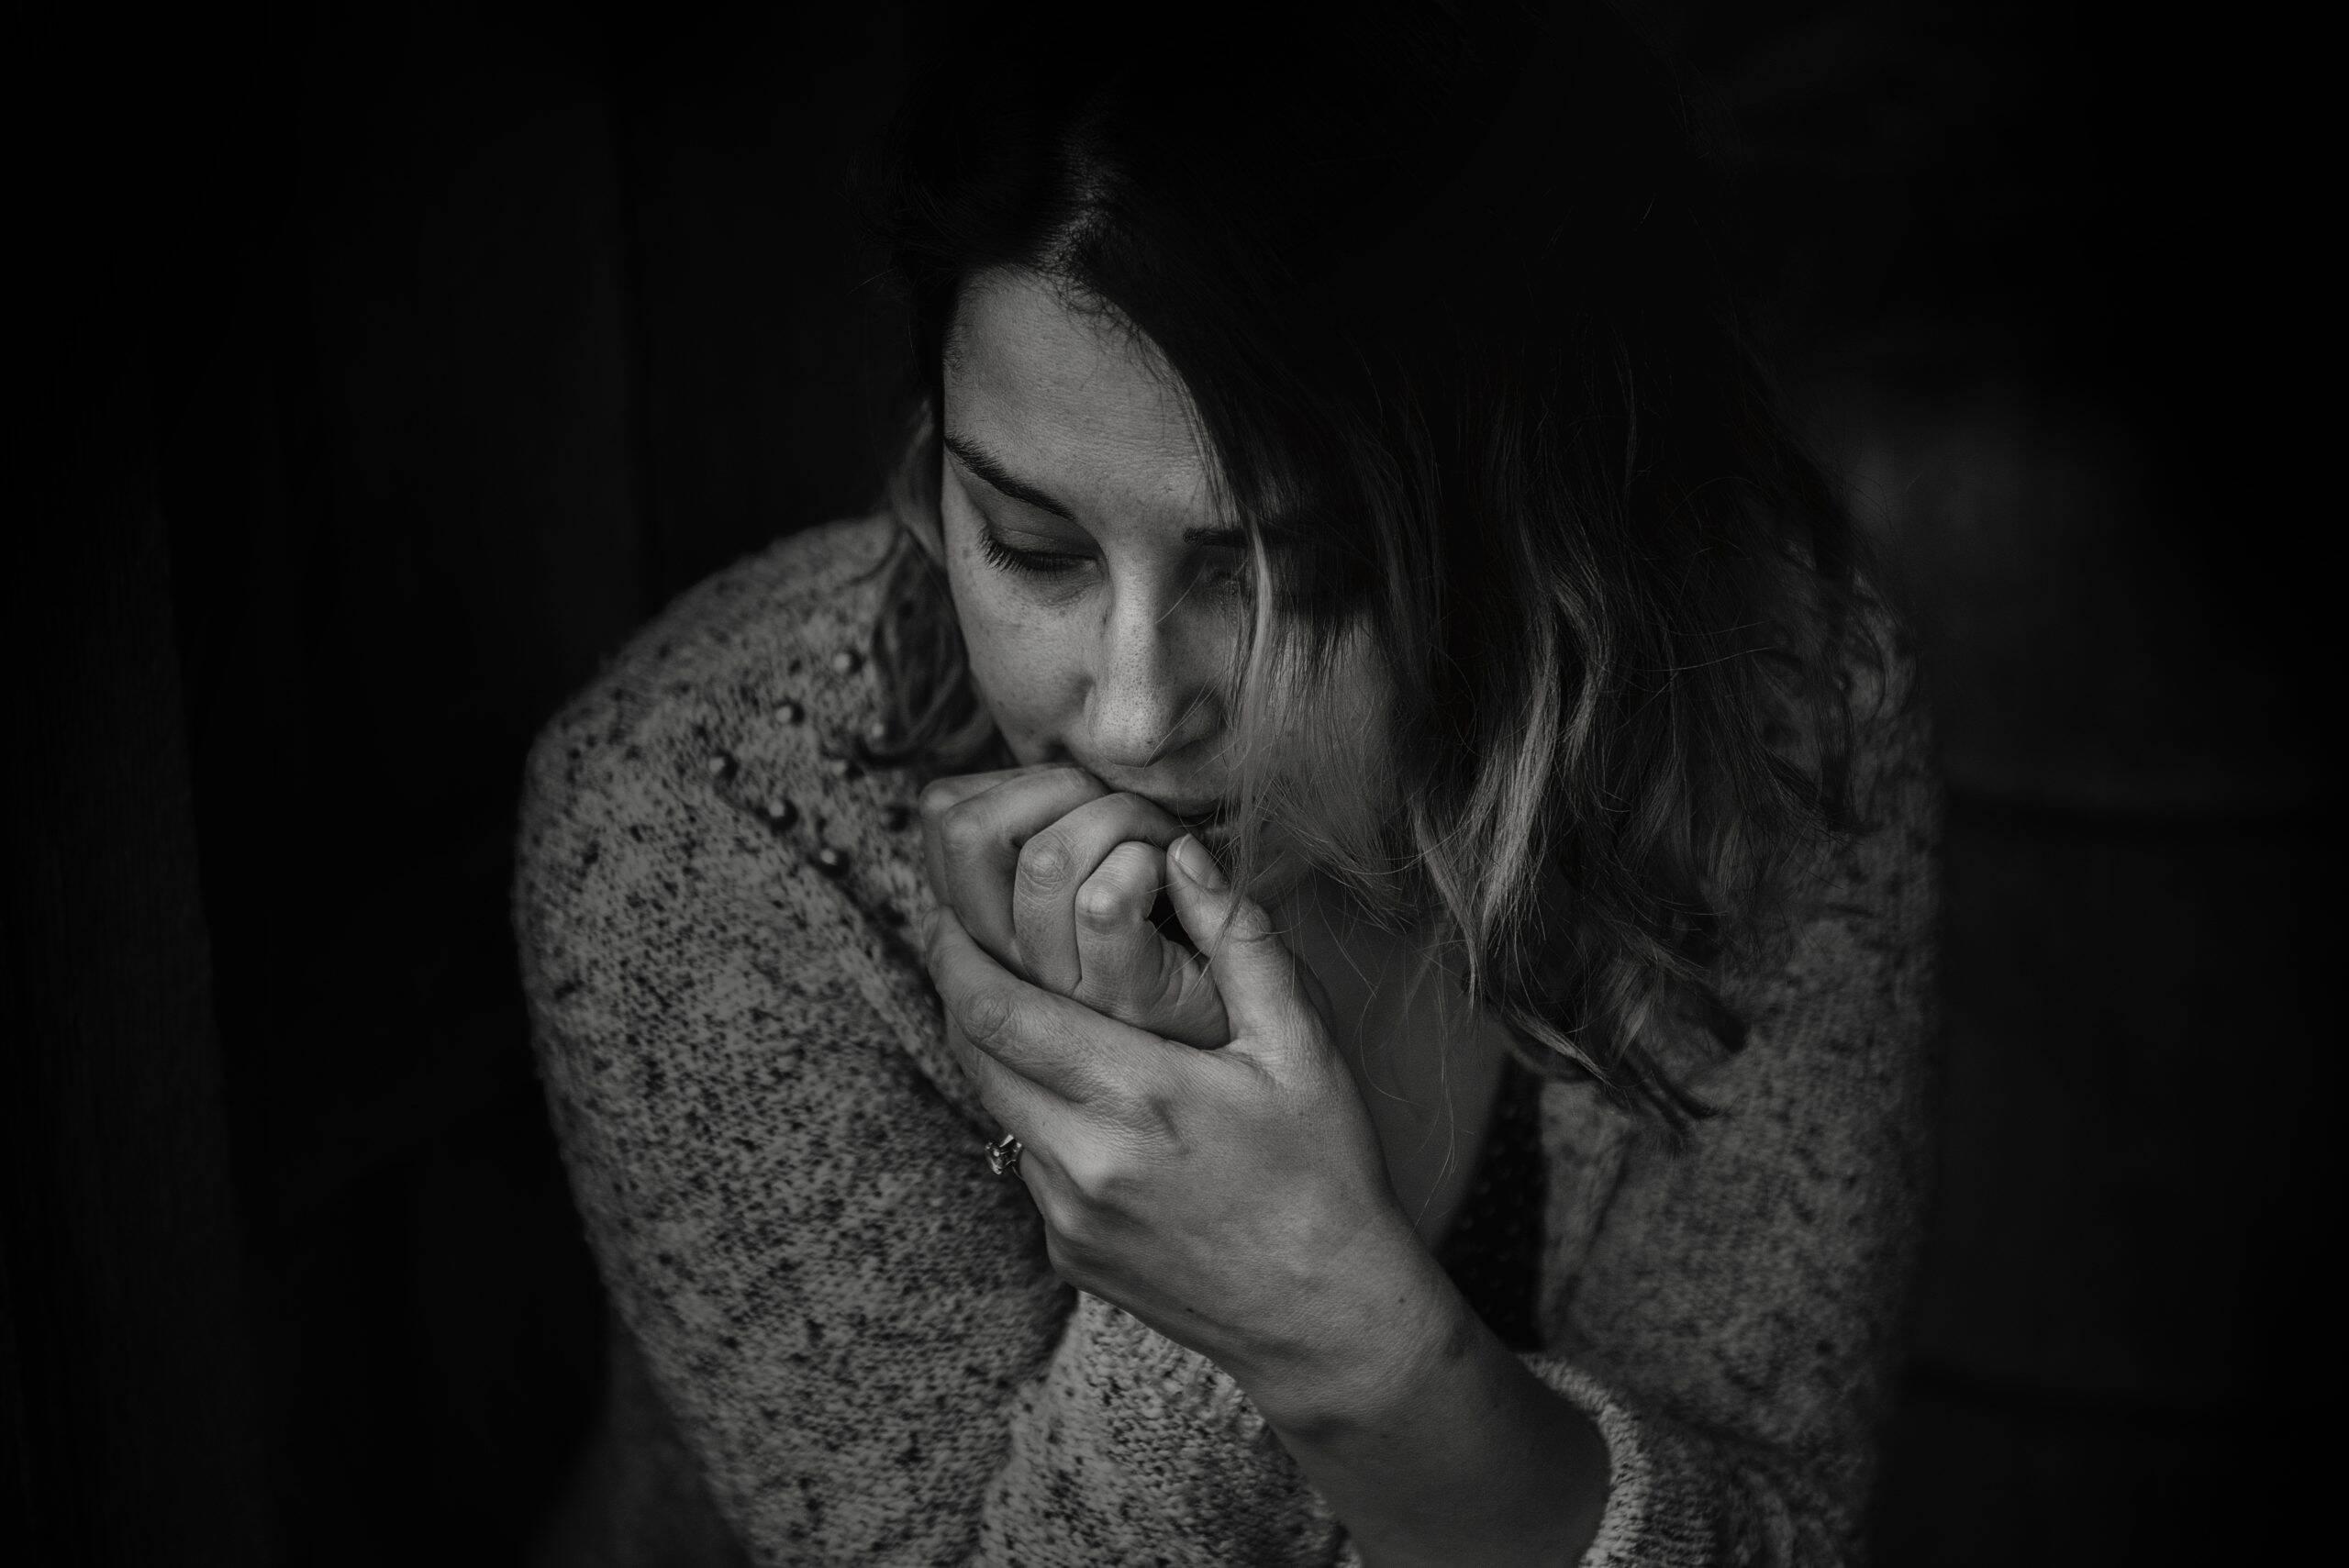 Os sinais da ansiedade podem variar de acordo com cada quadro em que o paciente se encontra. (Foto: Pexels)